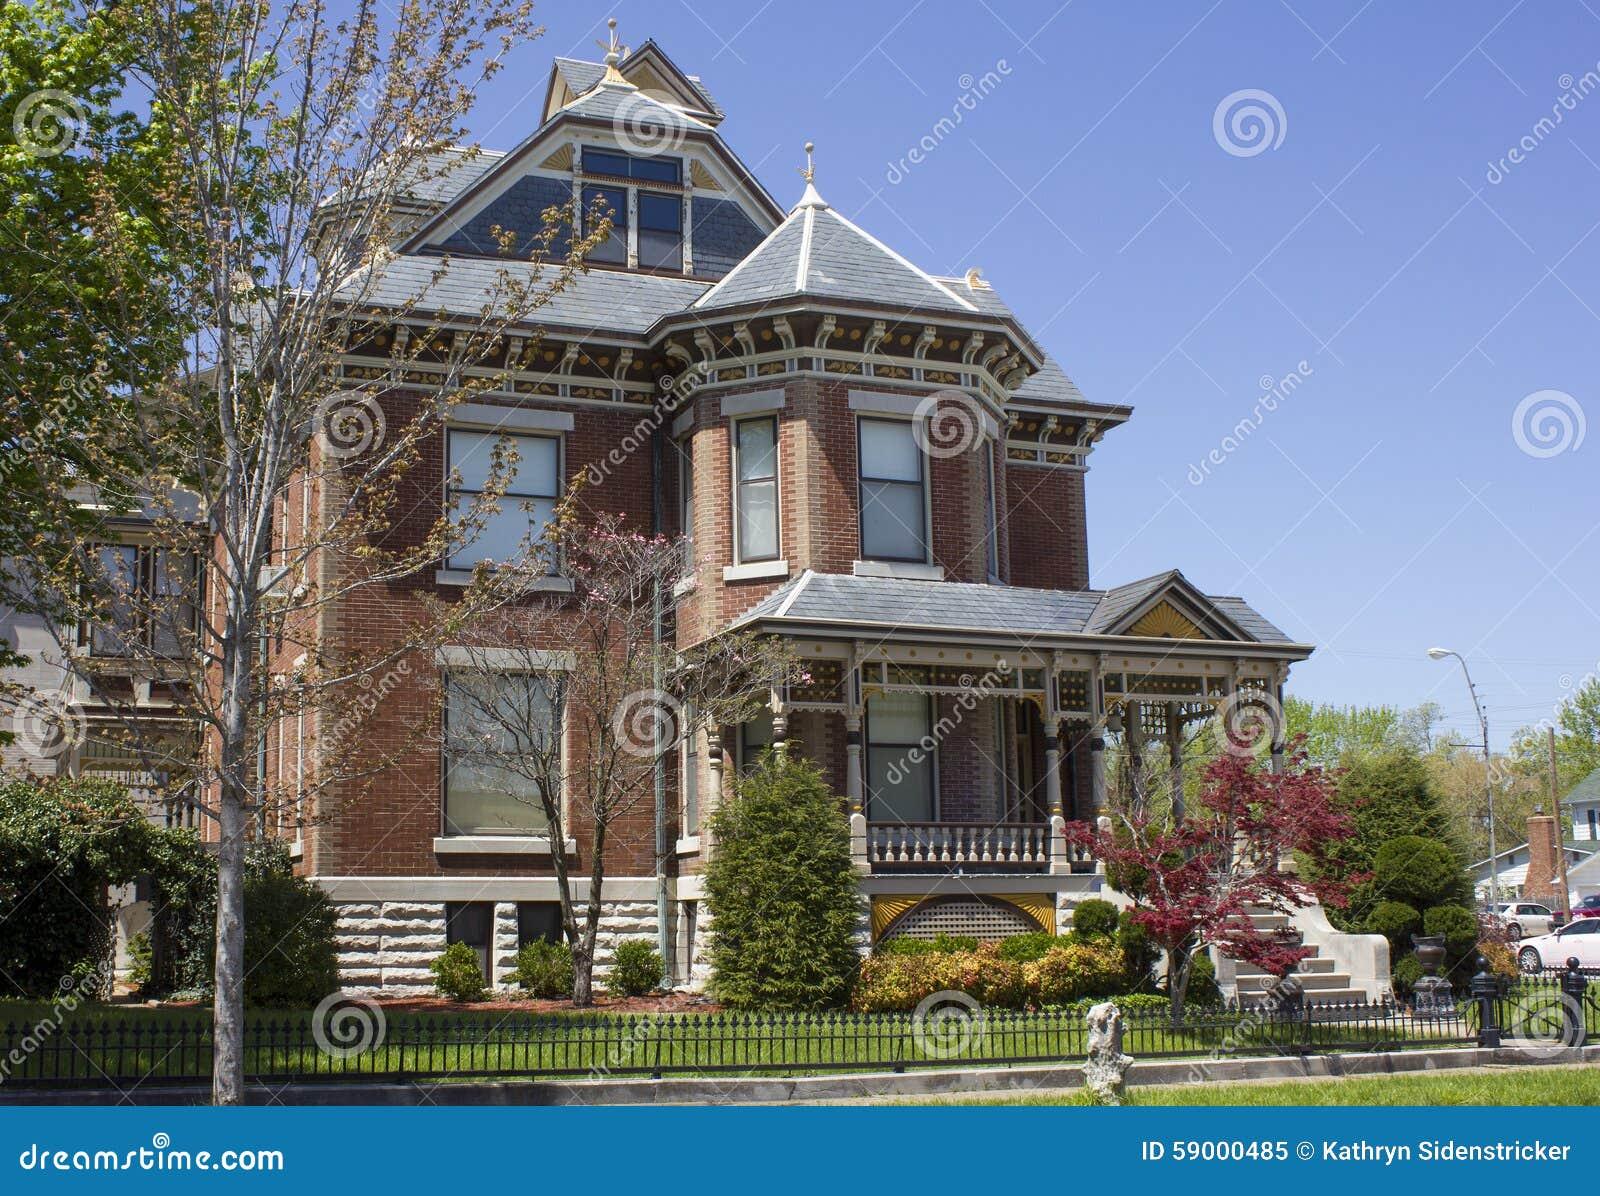 maison victorienne de brique image stock image du manicured construction 59000485. Black Bedroom Furniture Sets. Home Design Ideas